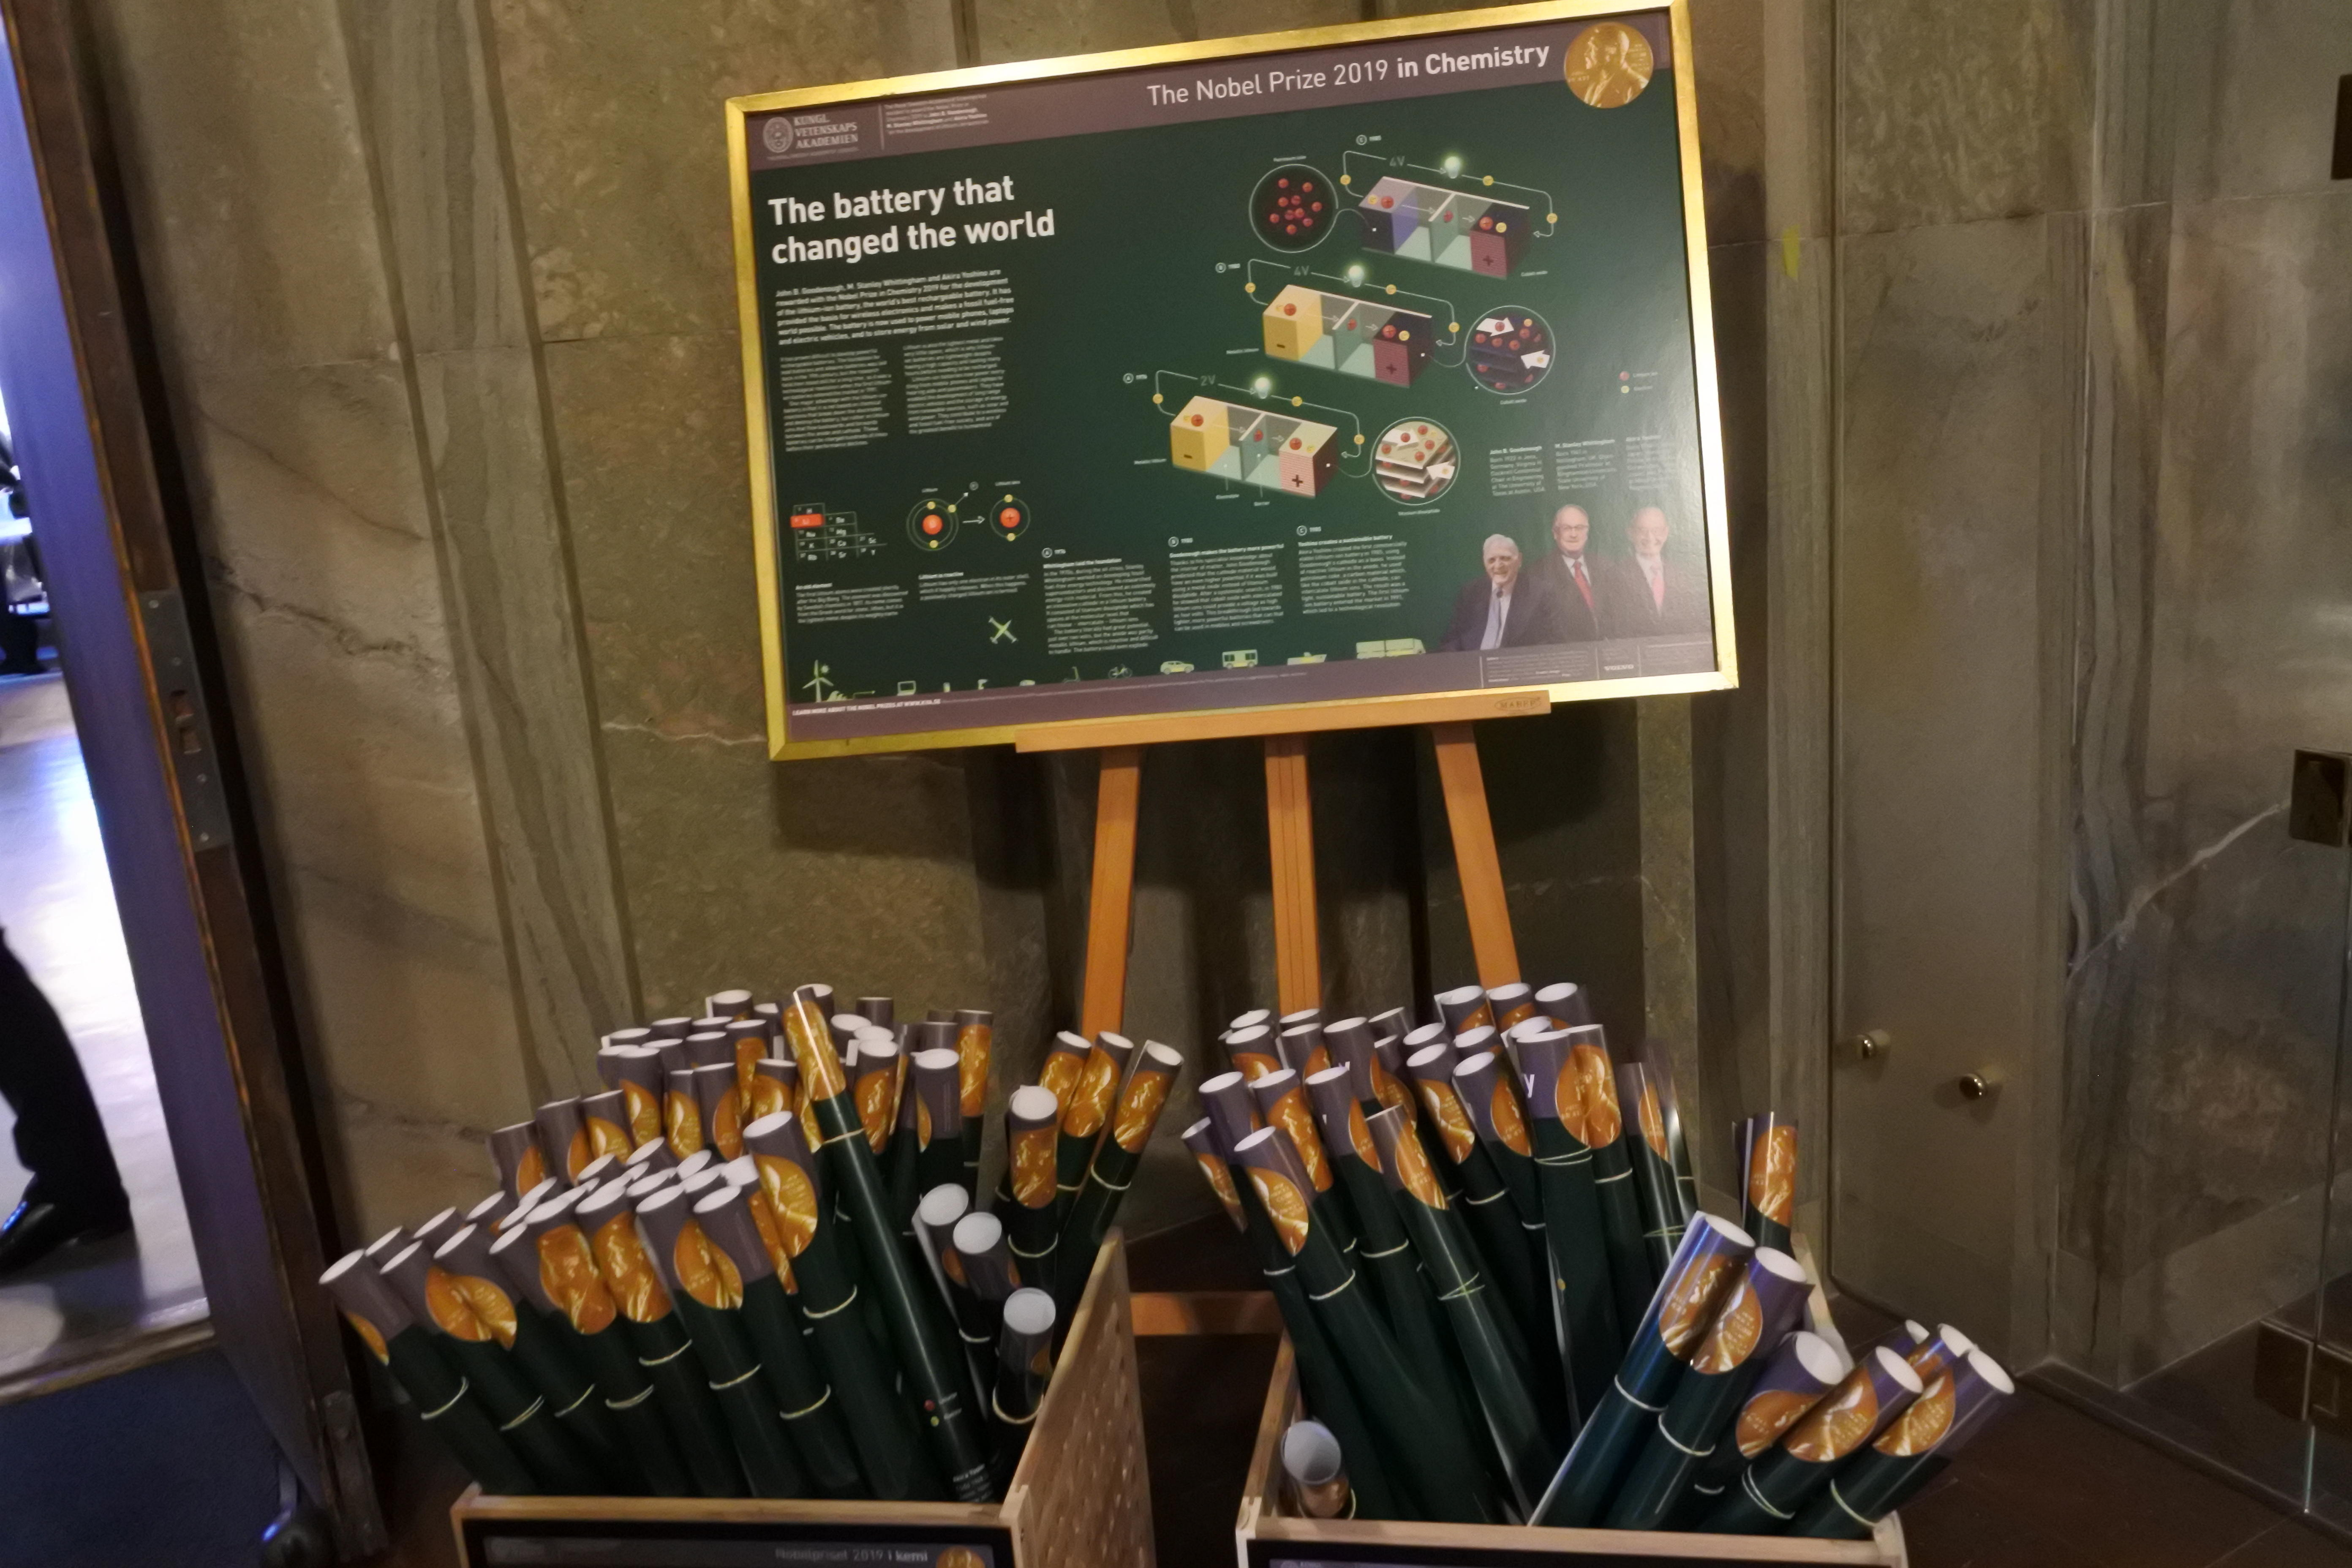 スウェーデン王立科学アカデミーに掲げられた吉野教授らの受賞概要のポスター